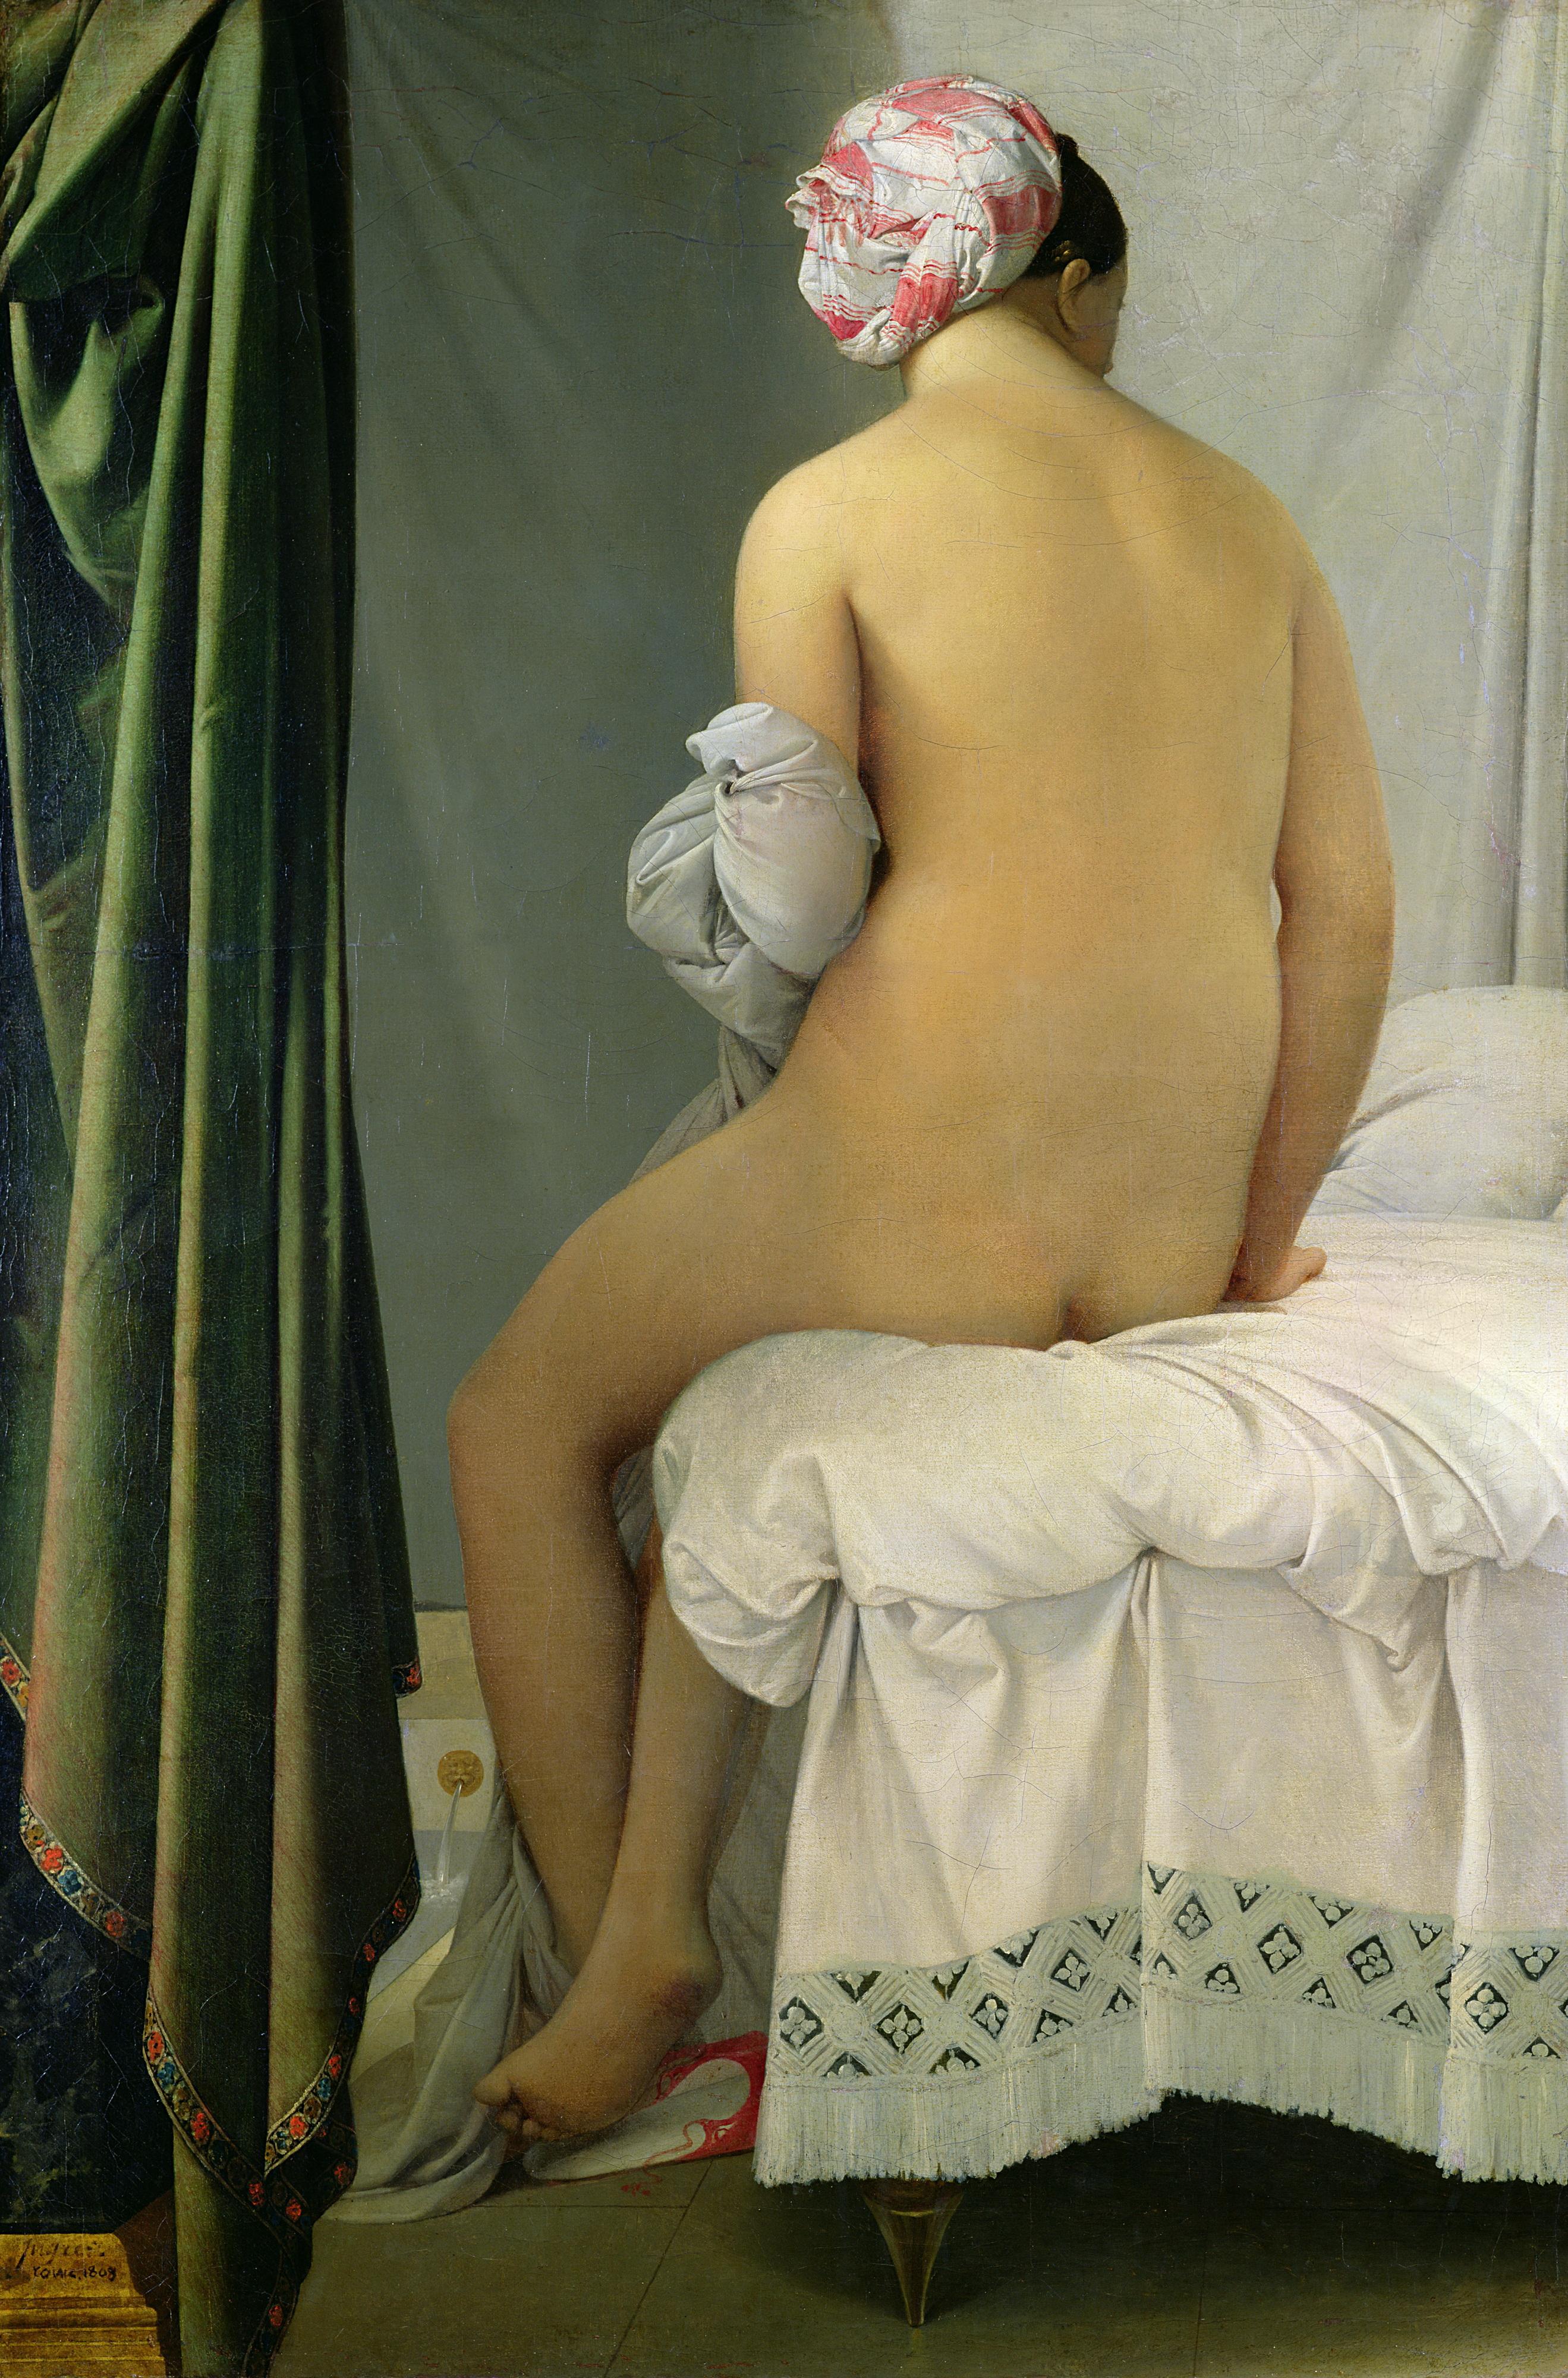 Jean Auguste Dominique Ingres, 1780-1867. Купальщица. 1808. 146 х 97.5 см. Париж, Лувр